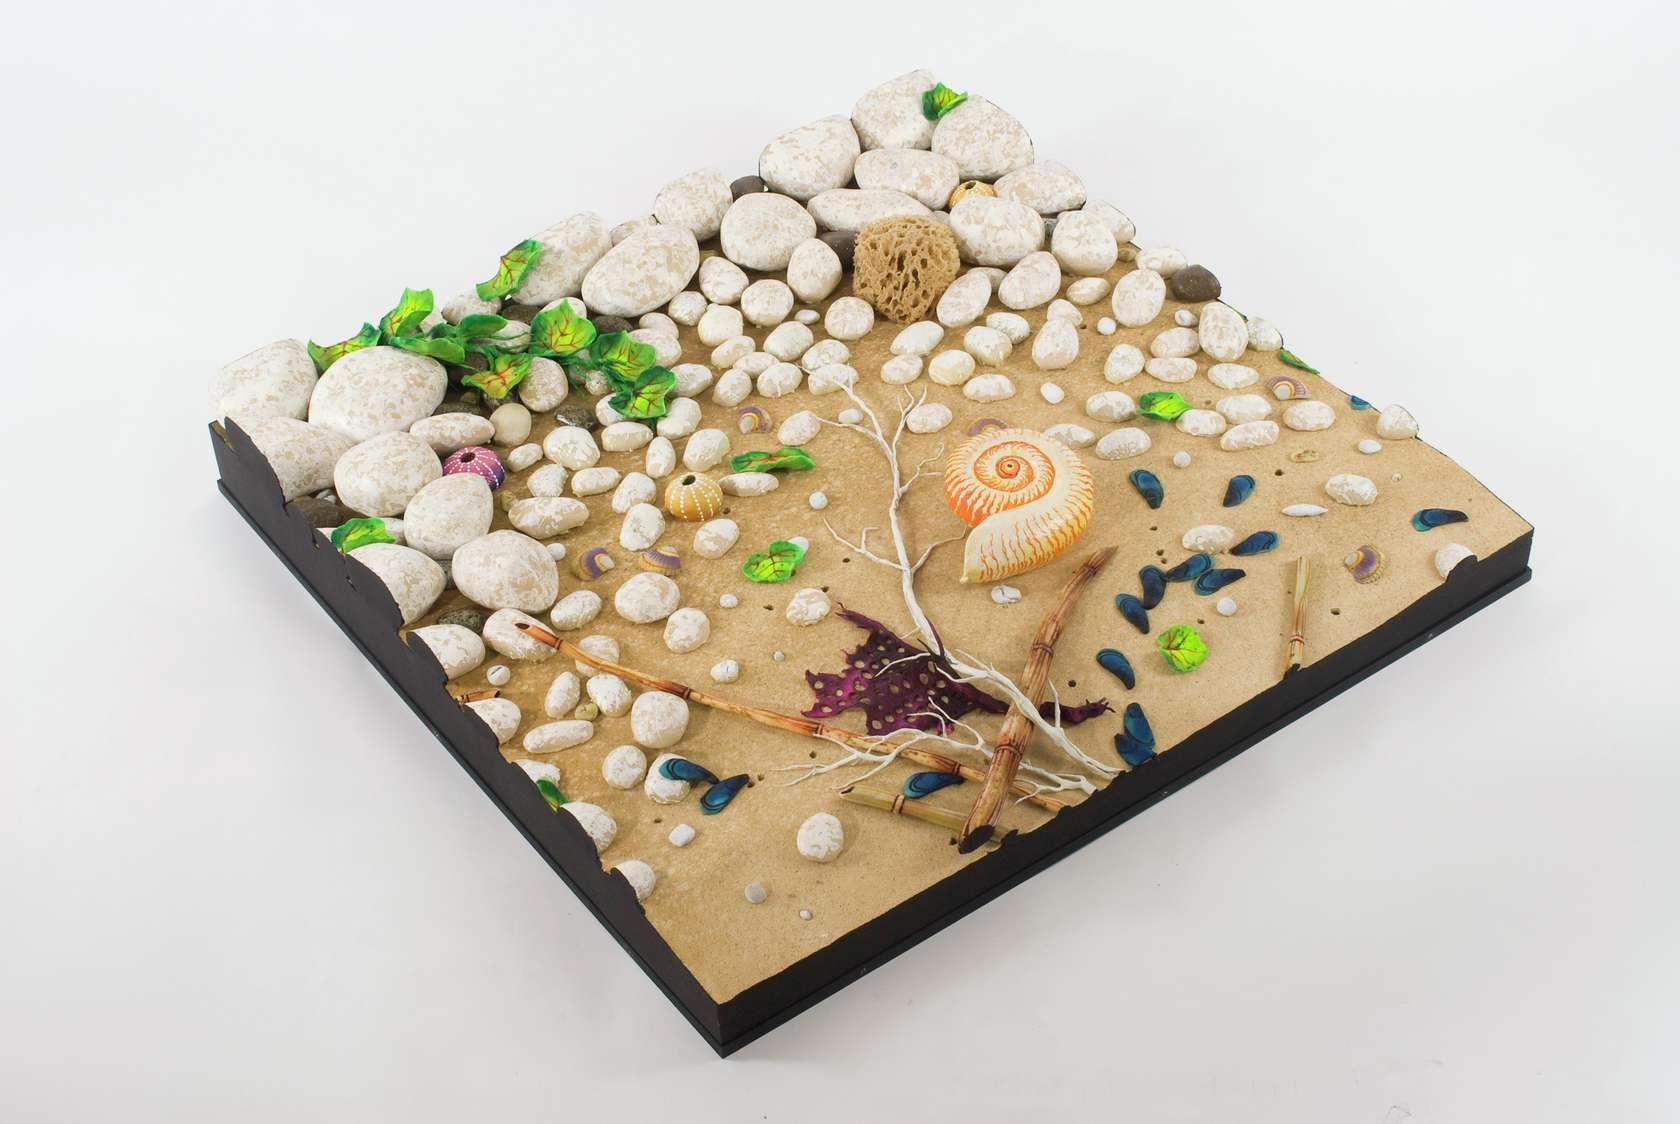 Piero Gilardi, Spiaggia con Nautilus, 2009 Mousse de polyuréthane100 x 100 x 20cm / 39 3/8 x 39 3/8 x 7 7/8inches